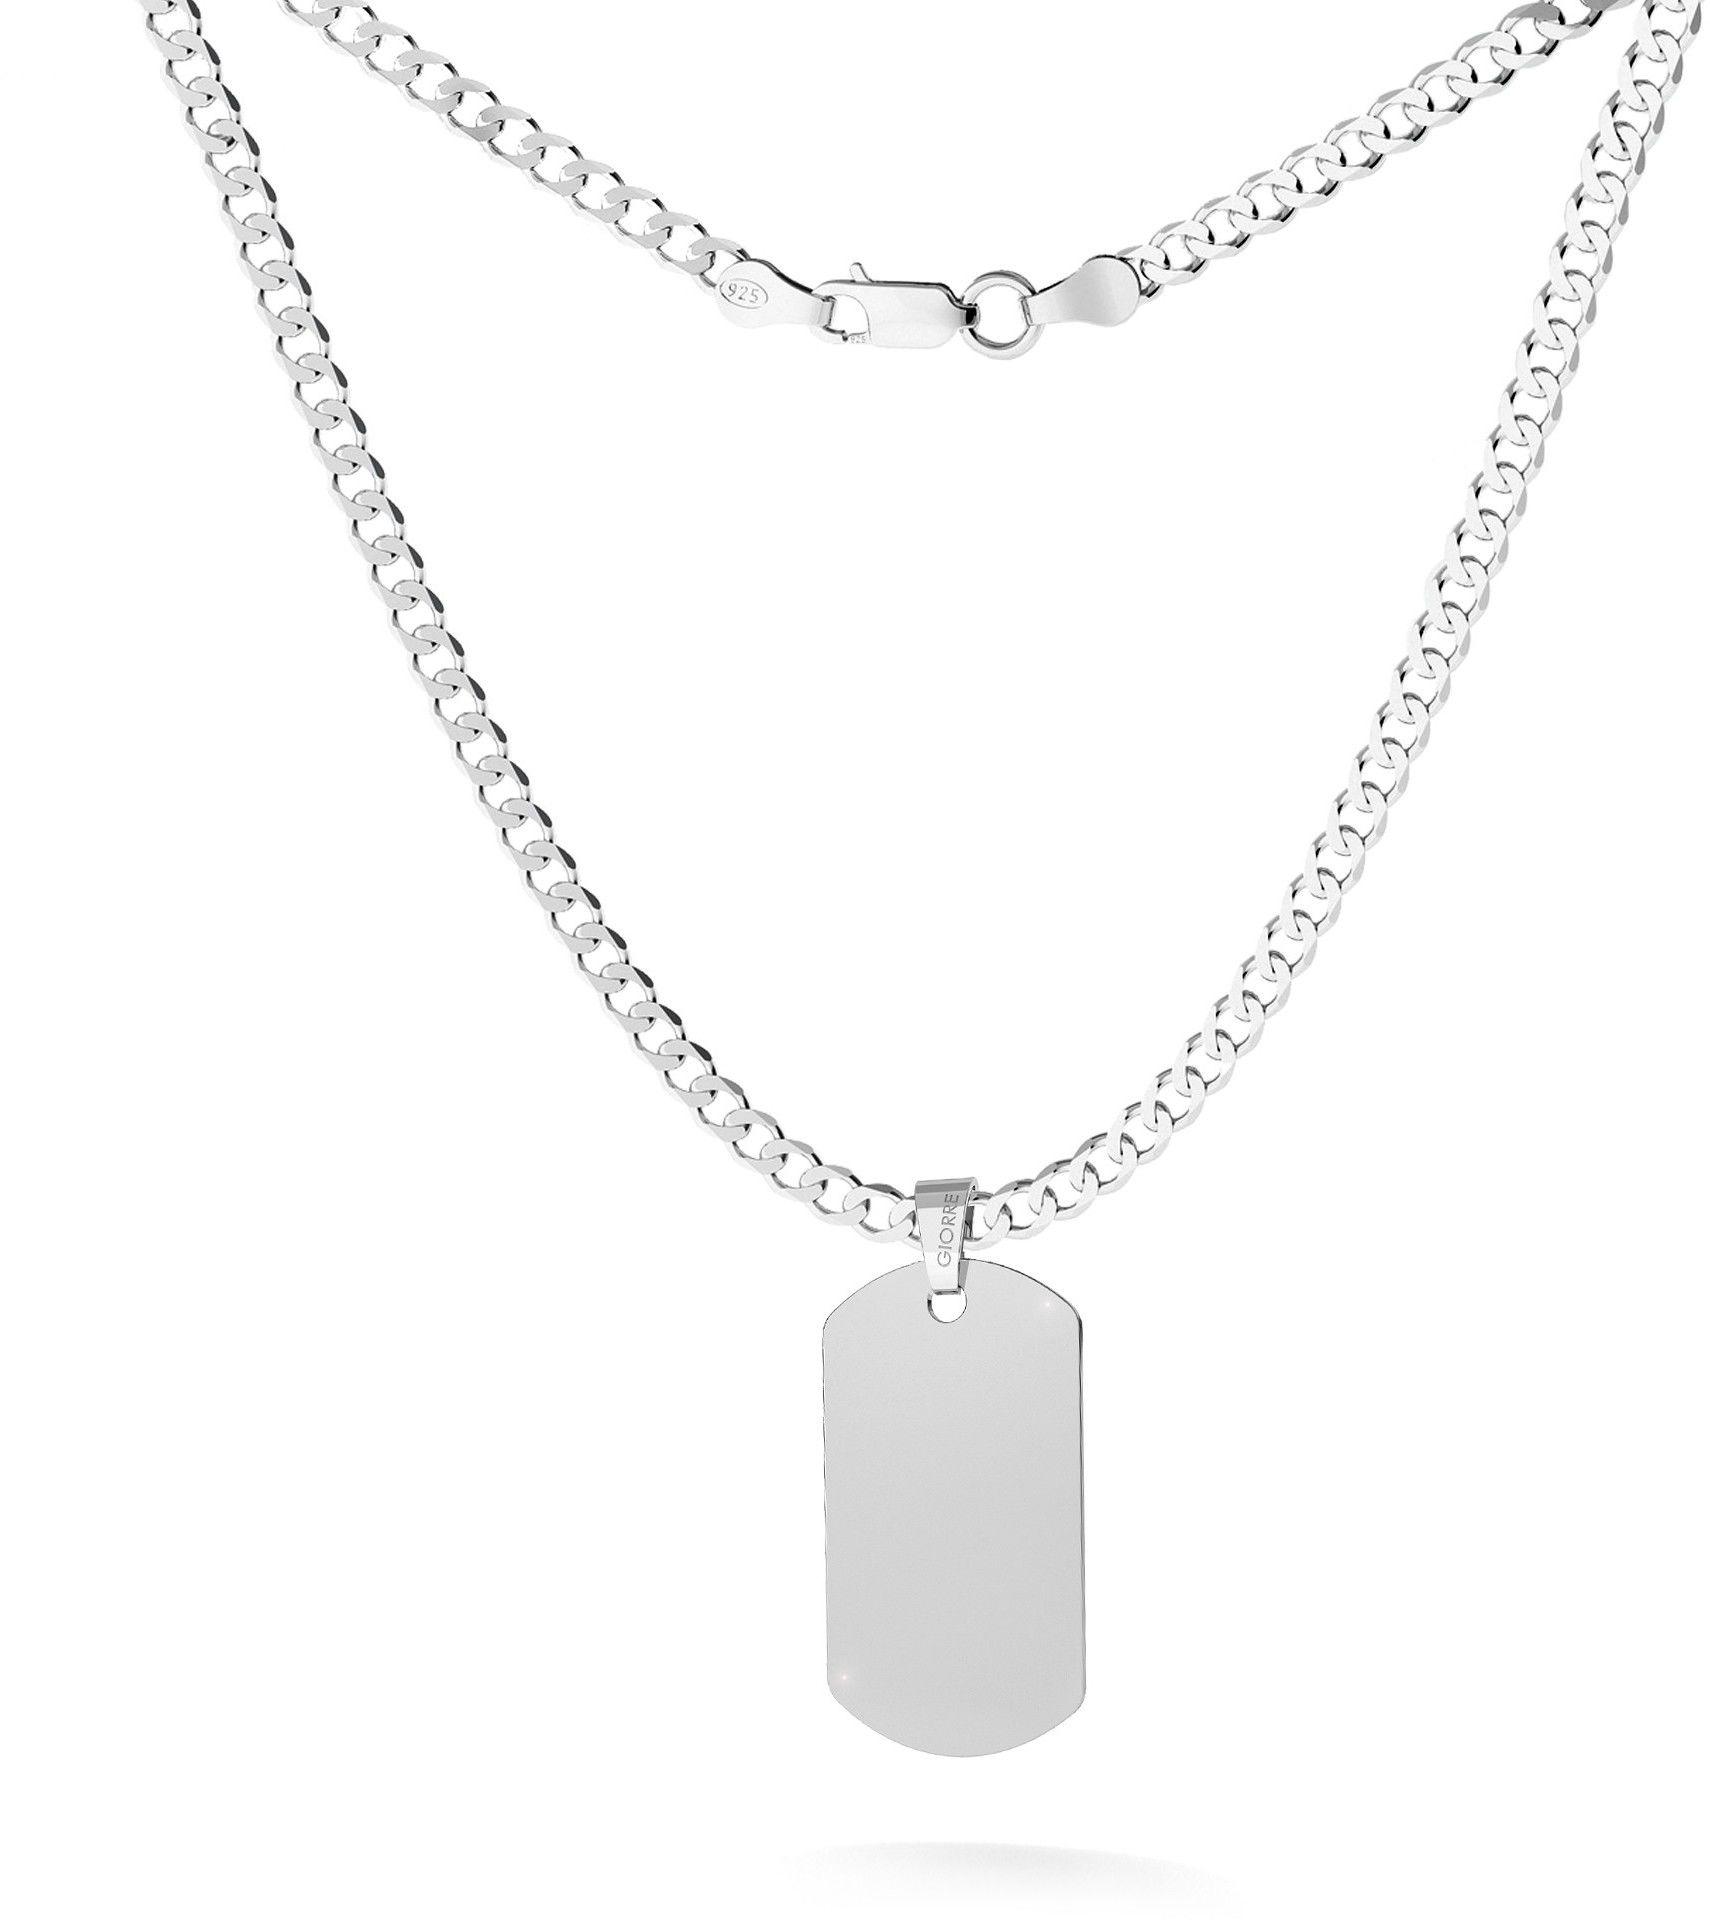 Srebrny nieśmiertelnik na łańcuszku typu pancerka, grawer, srebro 925 : Długość (cm) - 60, Srebro - kolor pokrycia - Pokrycie platyną